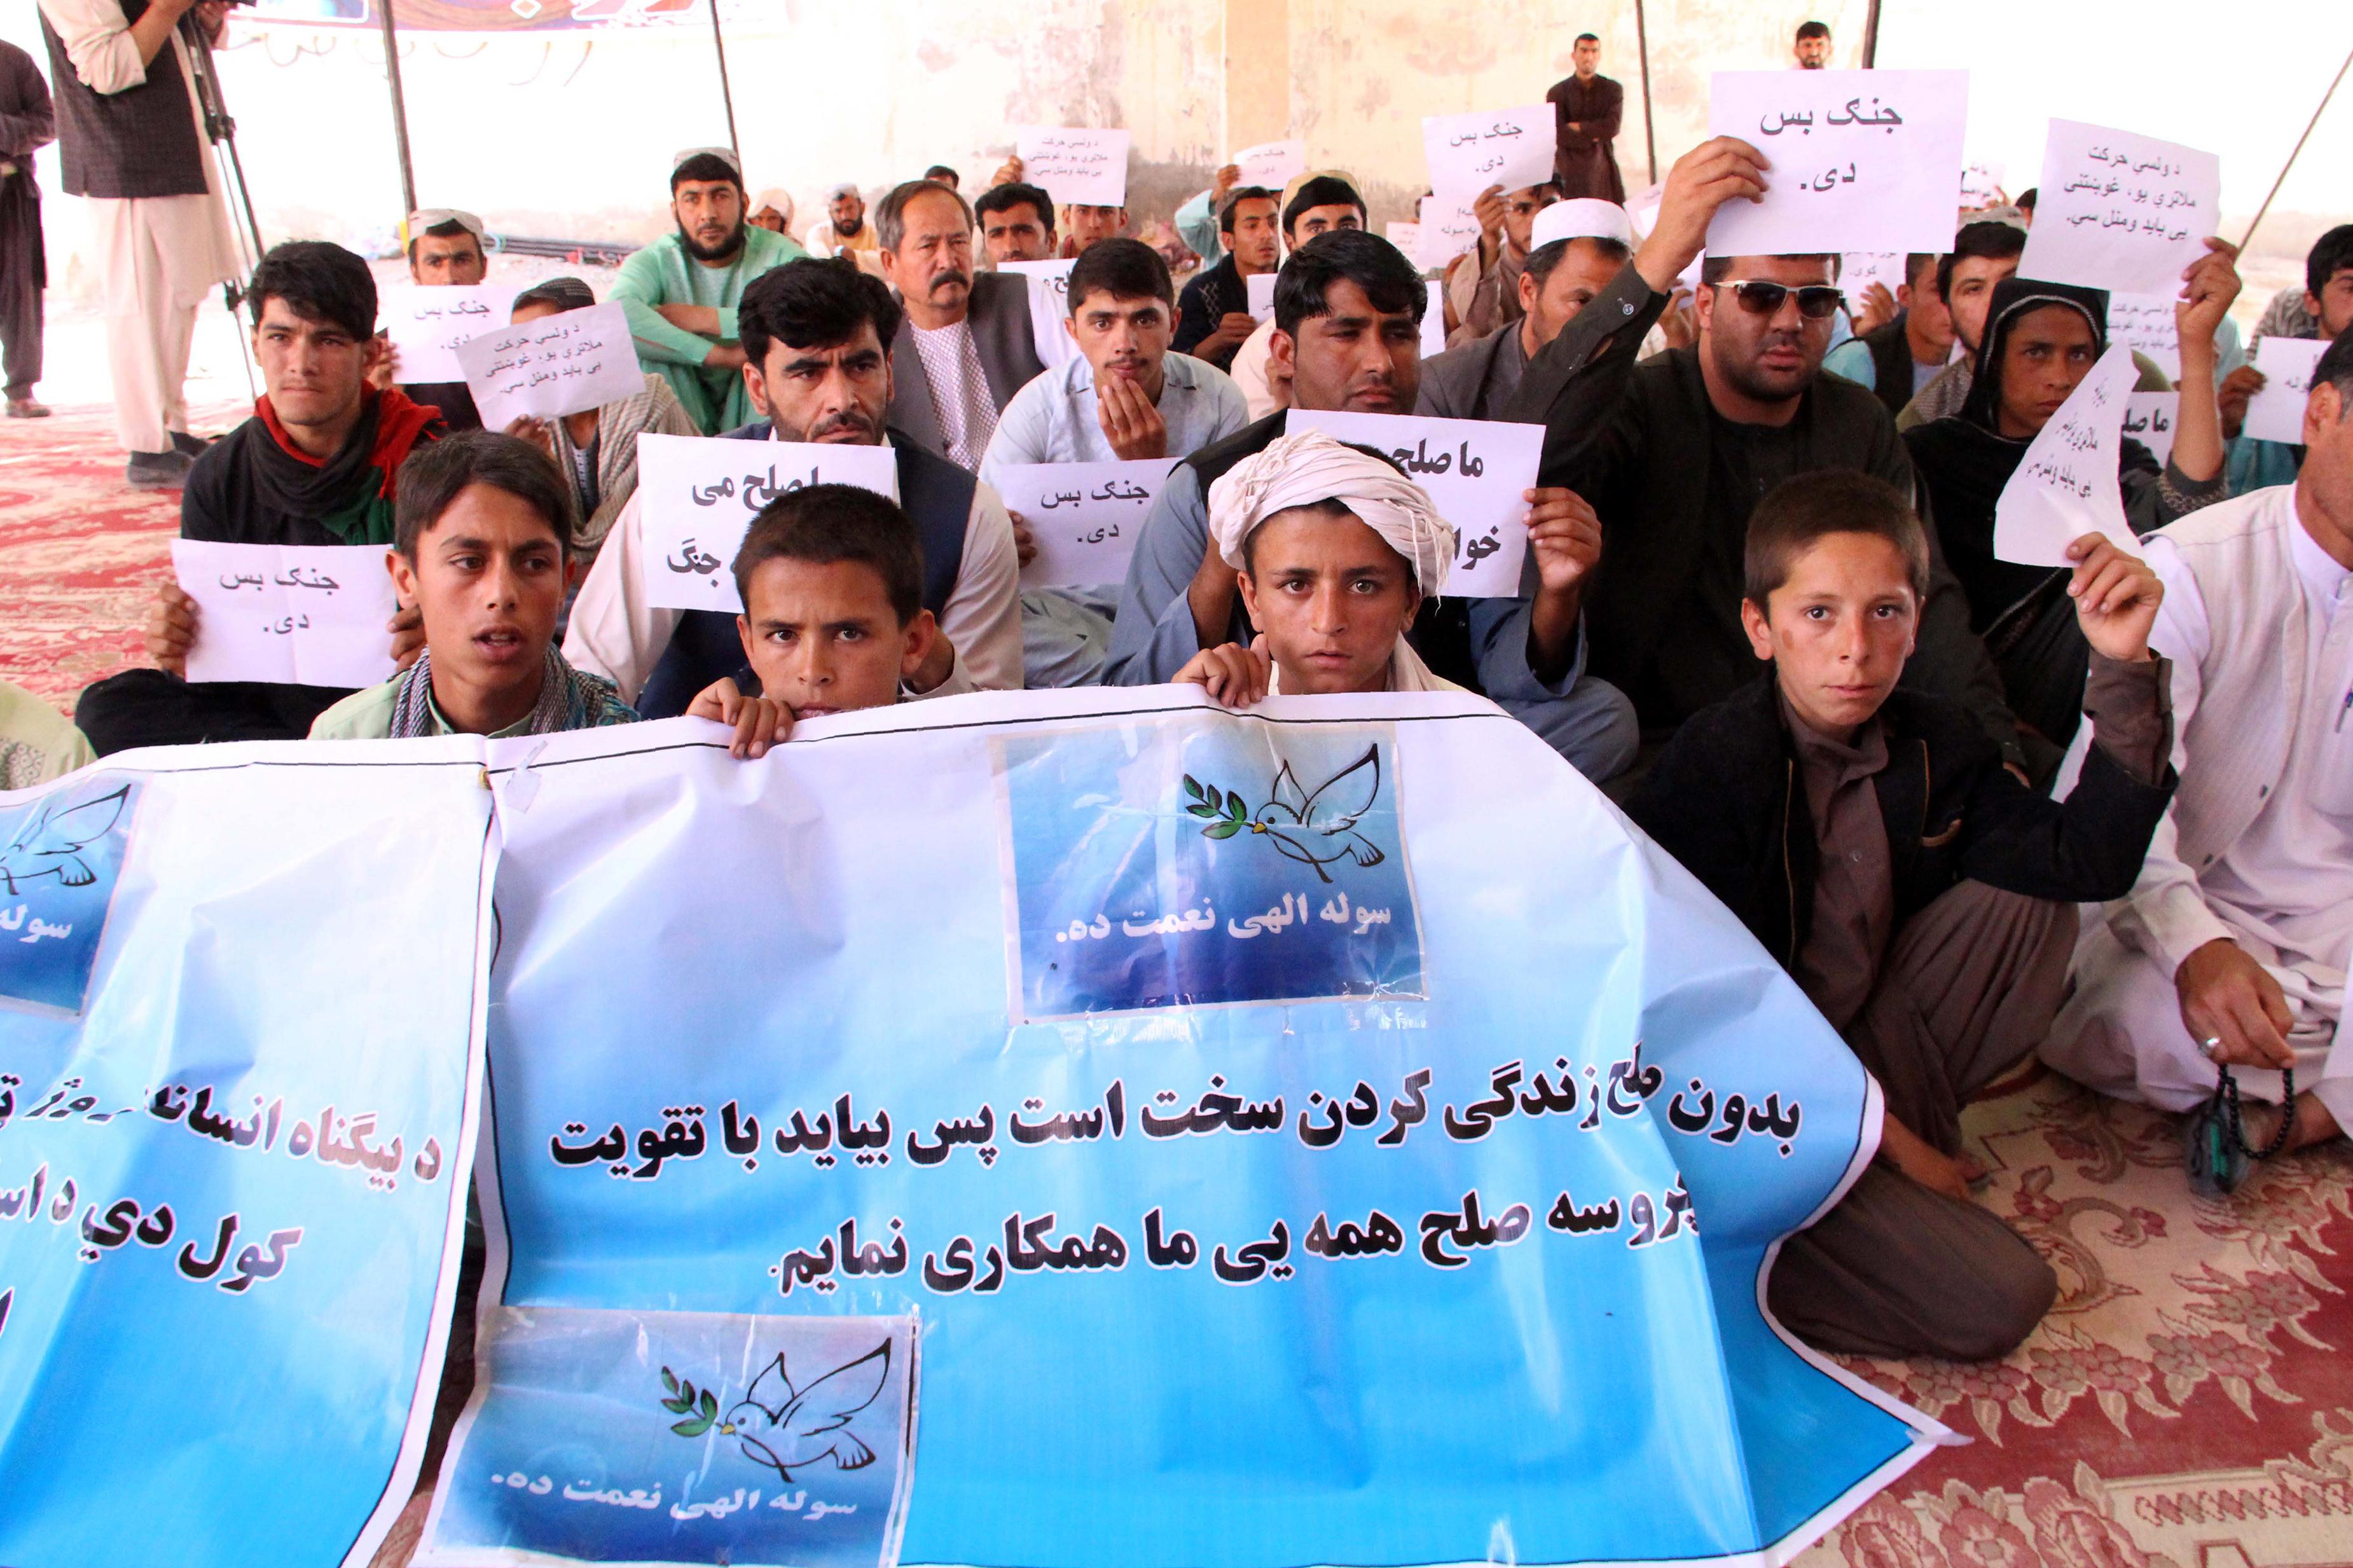 قوت گرفتن مظاهره های هلمند بر ضد خشونت طالبان